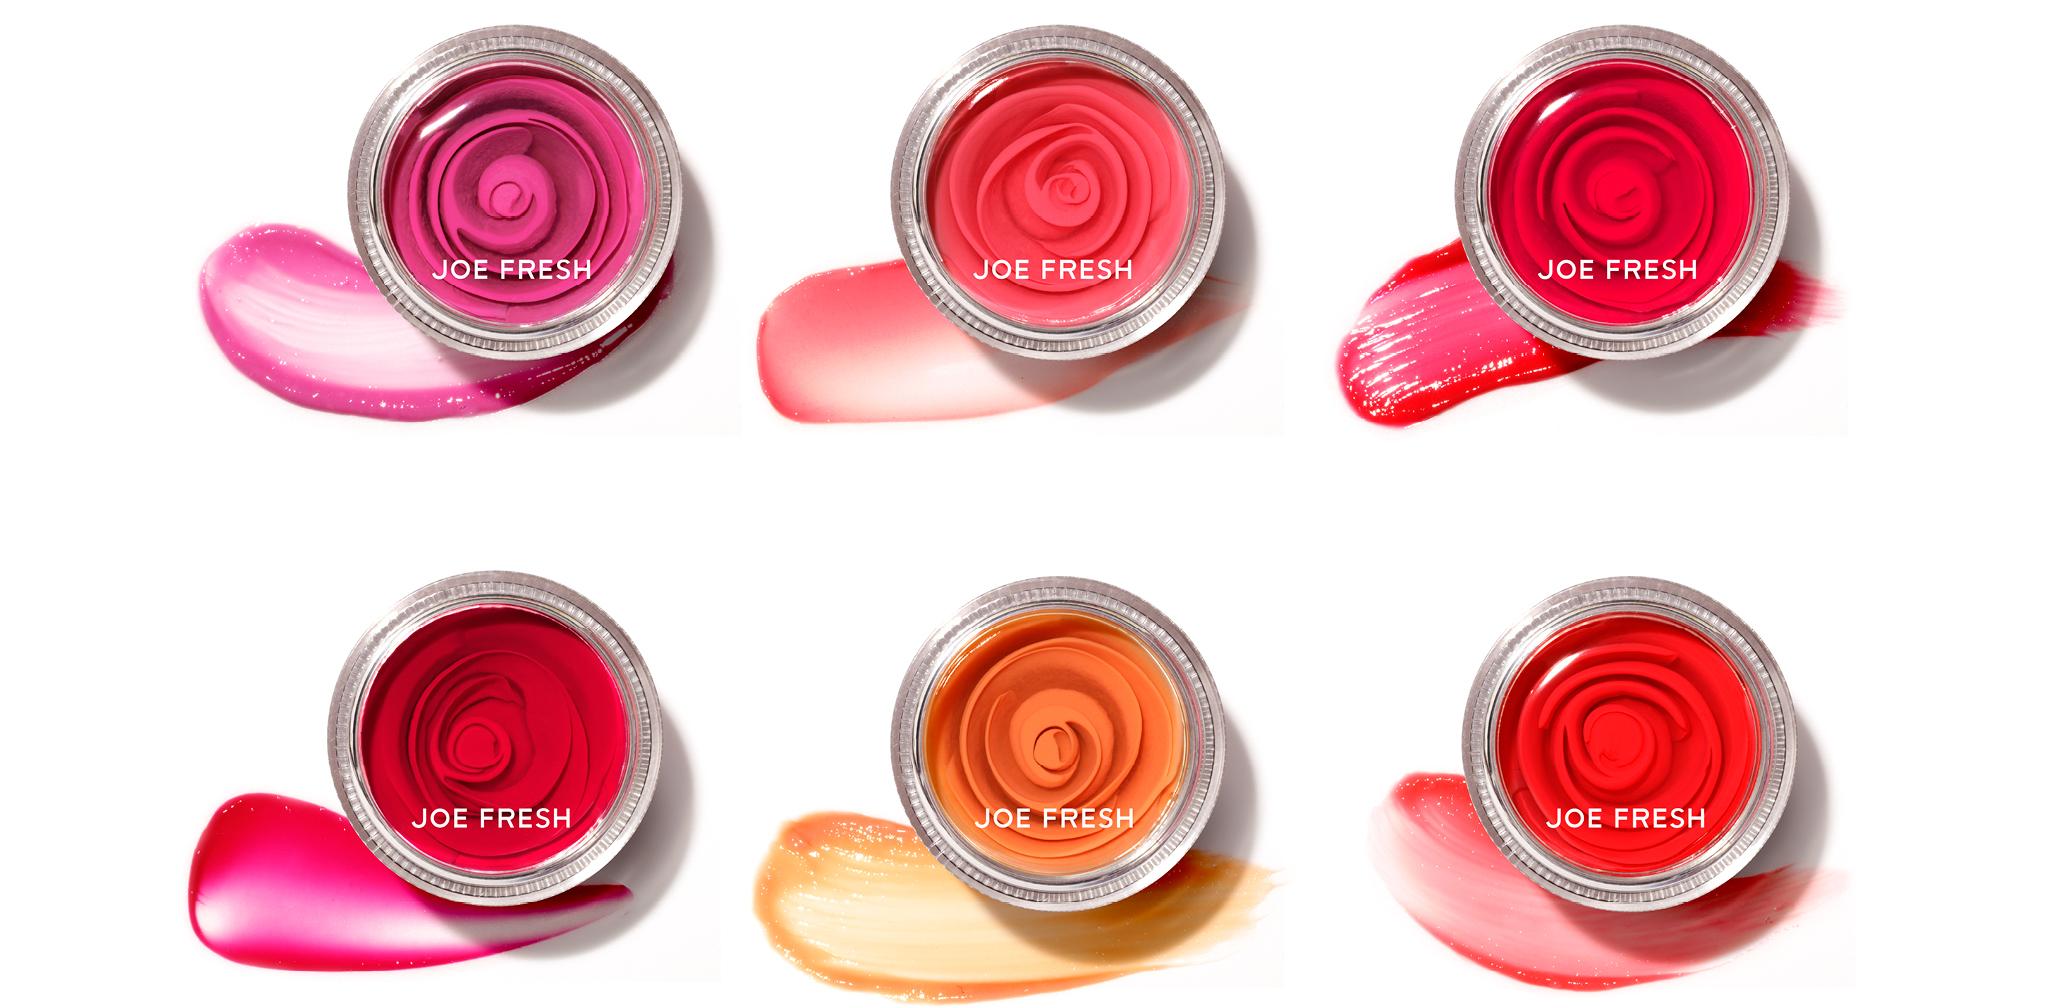 Coosa-Joe-Fresh-Beauty-09-2.jpg